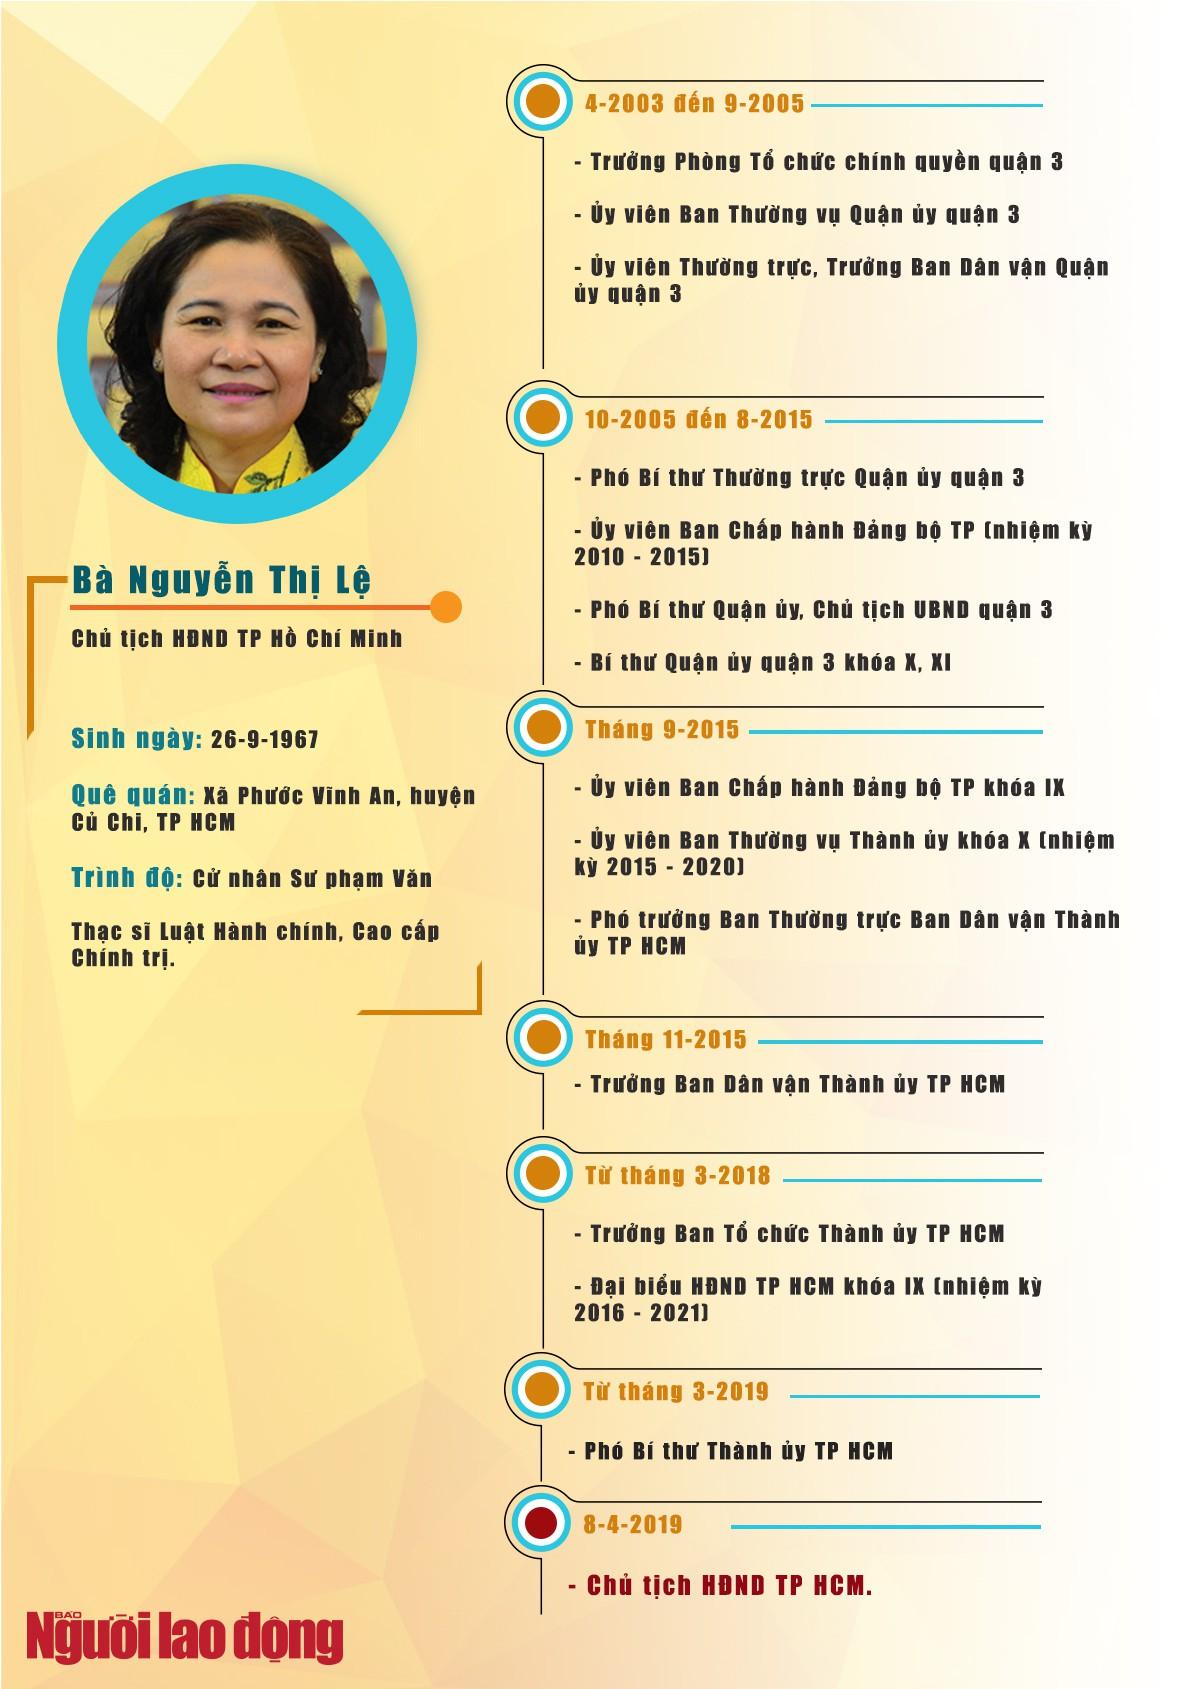 Bà Nguyễn Thị Lệ được bầu làm Chủ tịch HĐND TP HCM - Ảnh 3.